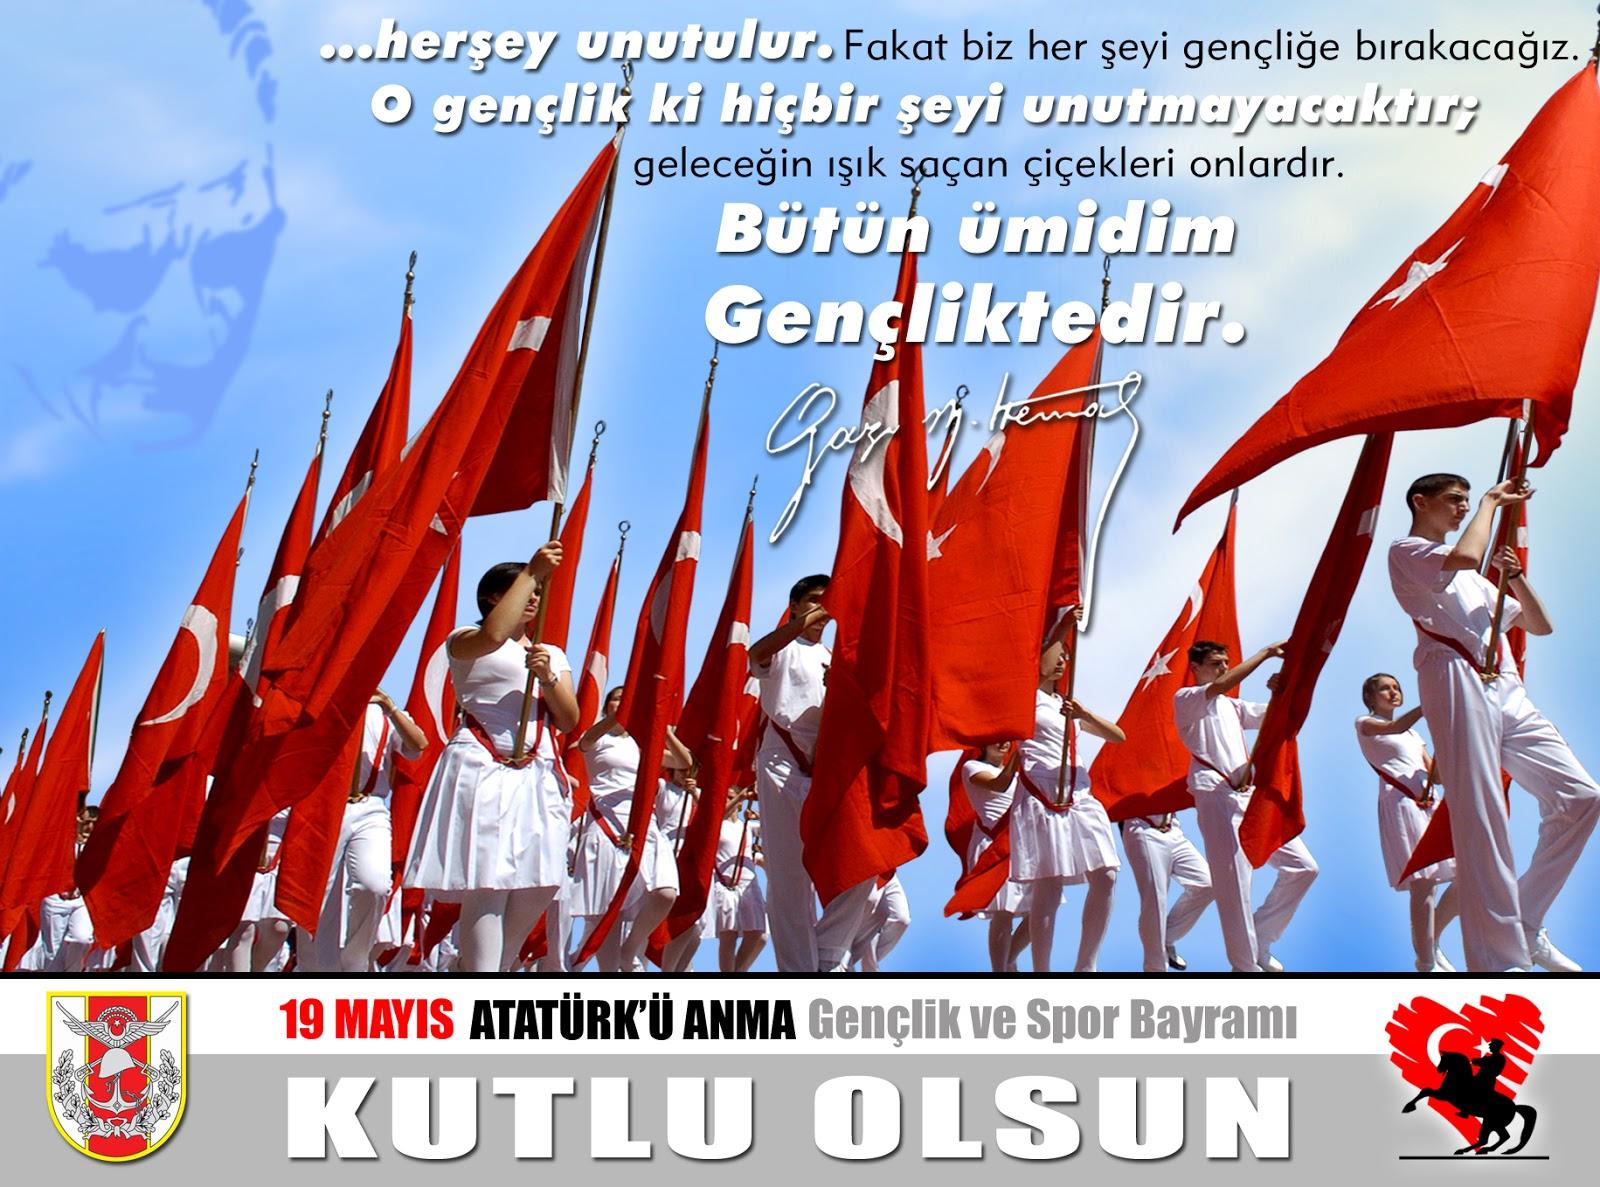 Atatürk'ü Anma, Gençlik ve Spor Bayramı - GÜNCEL - Kaptan Haber